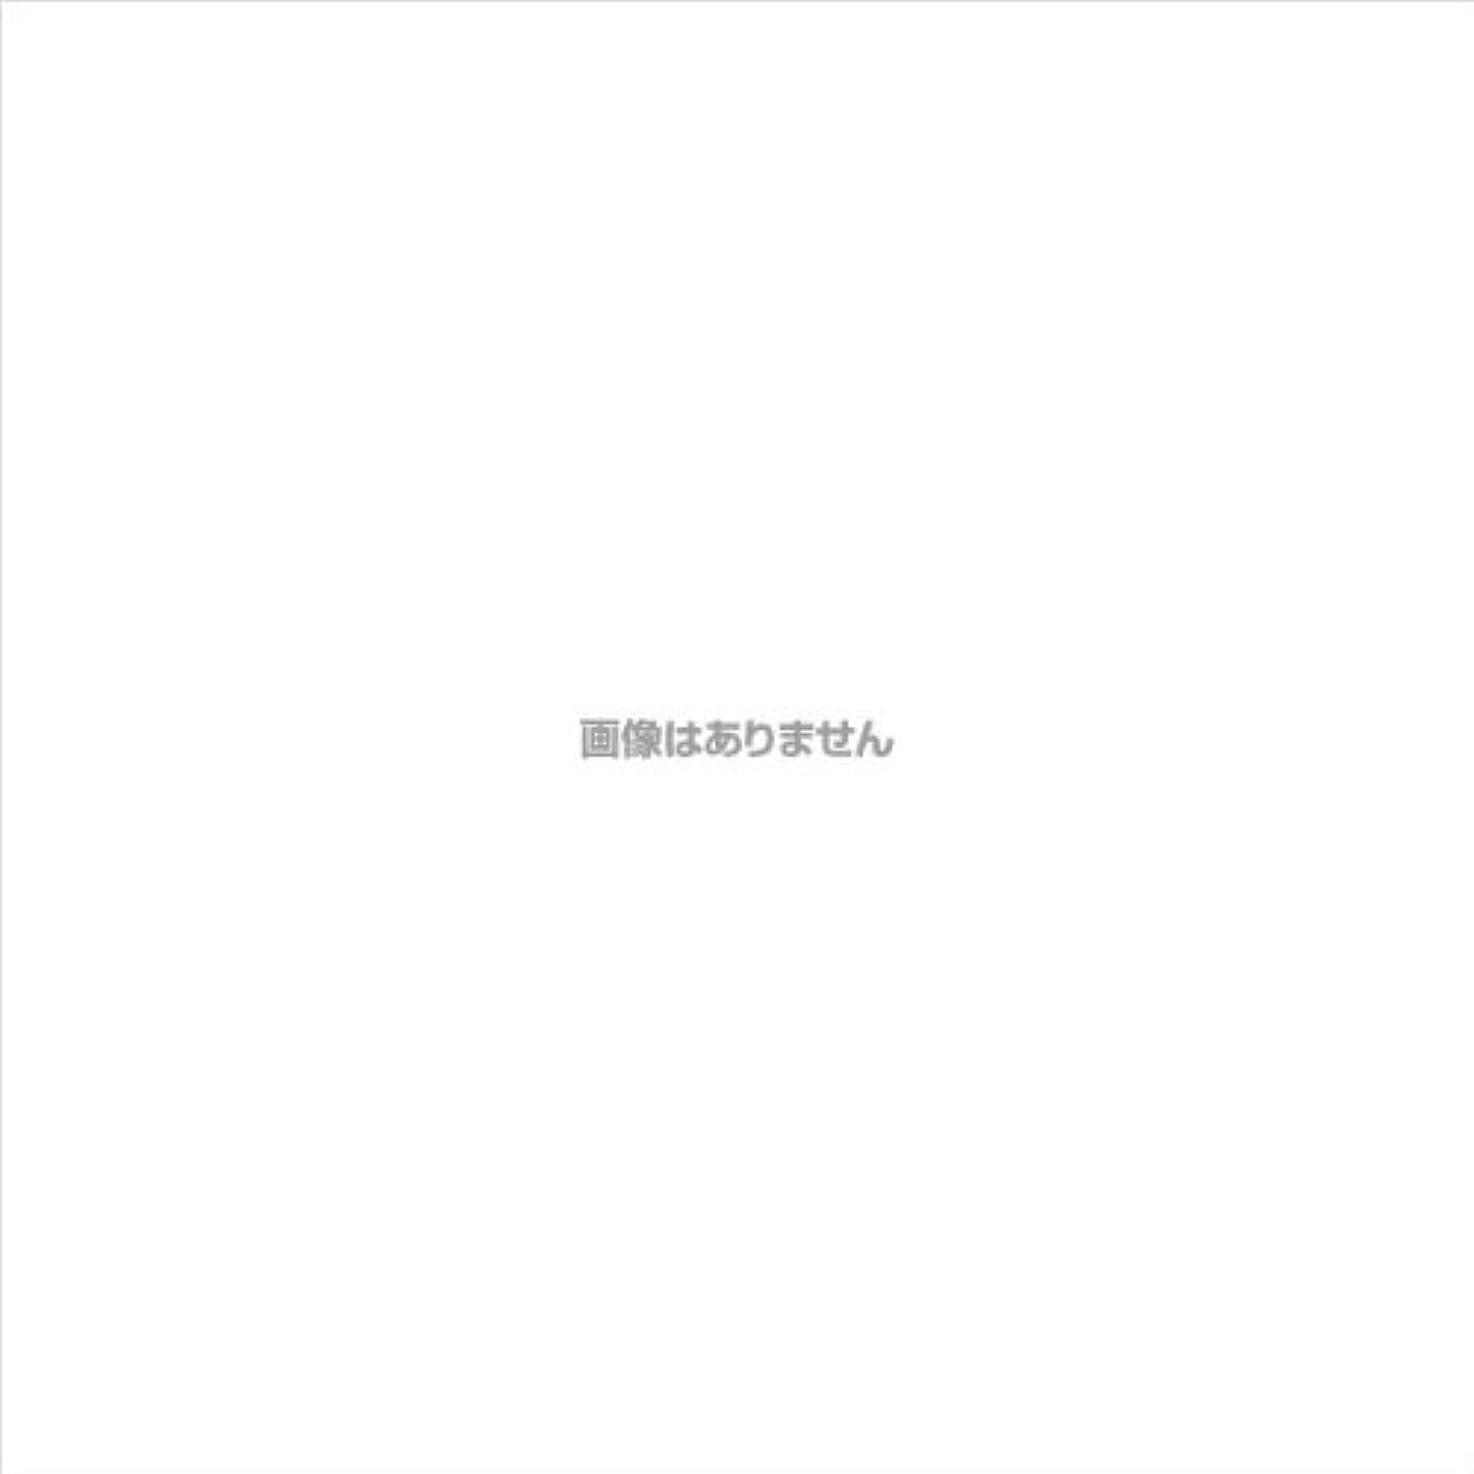 PVCグローブα 粉つき クリア / FR-5113 200枚 L ケース(10小箱入)